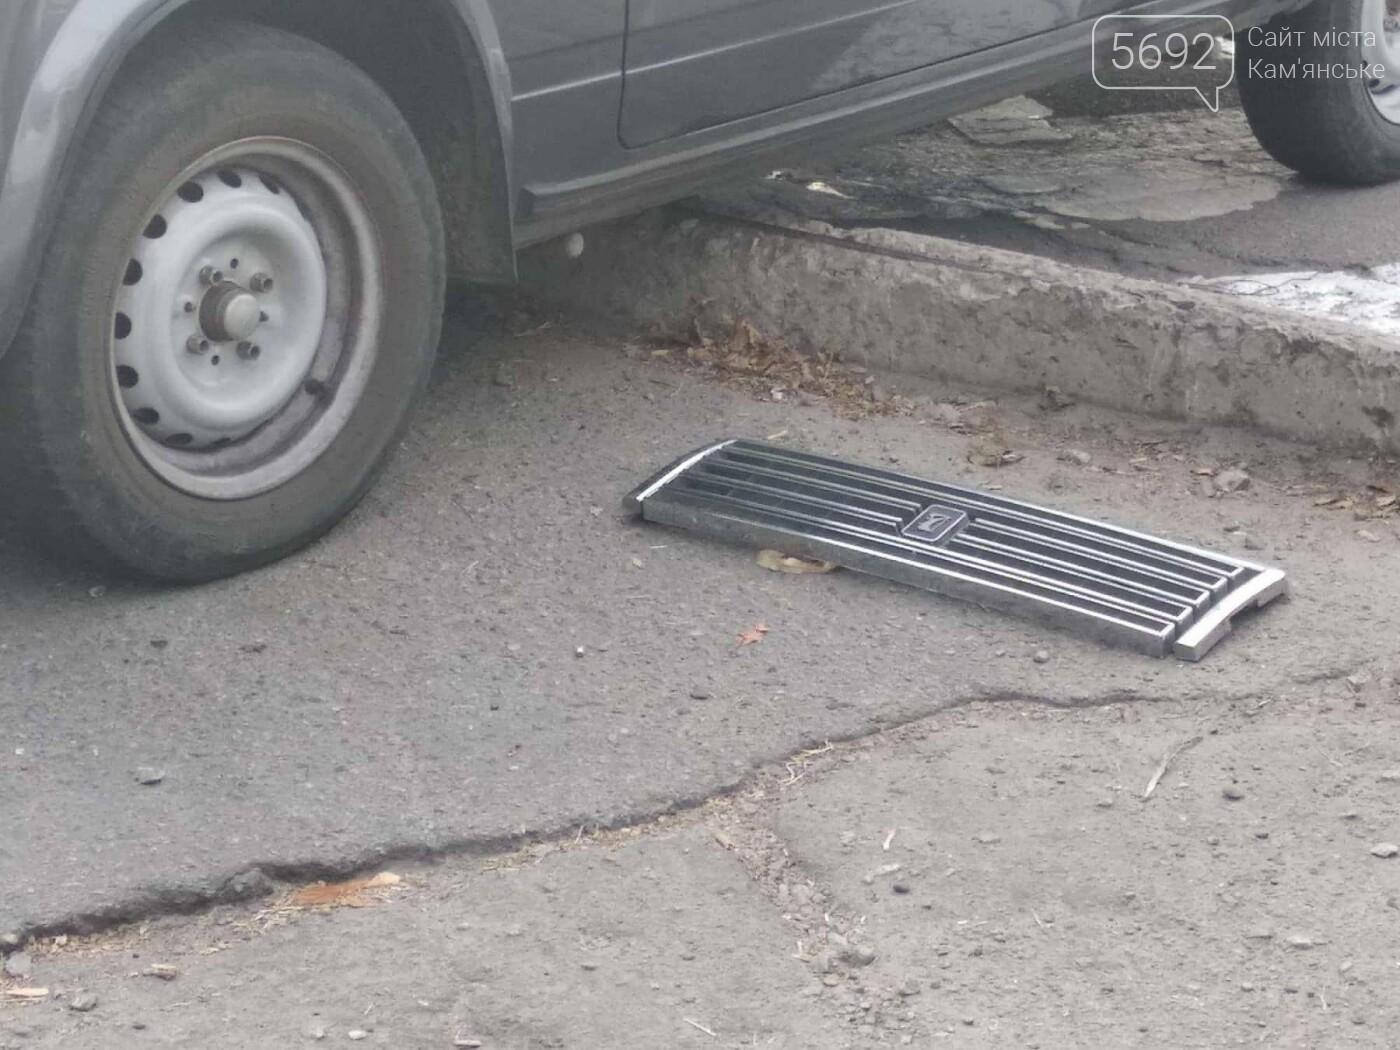 ДТП в Каменском: на аварийно-опасном перекрестке столкнулись два автомобиля, фото-4